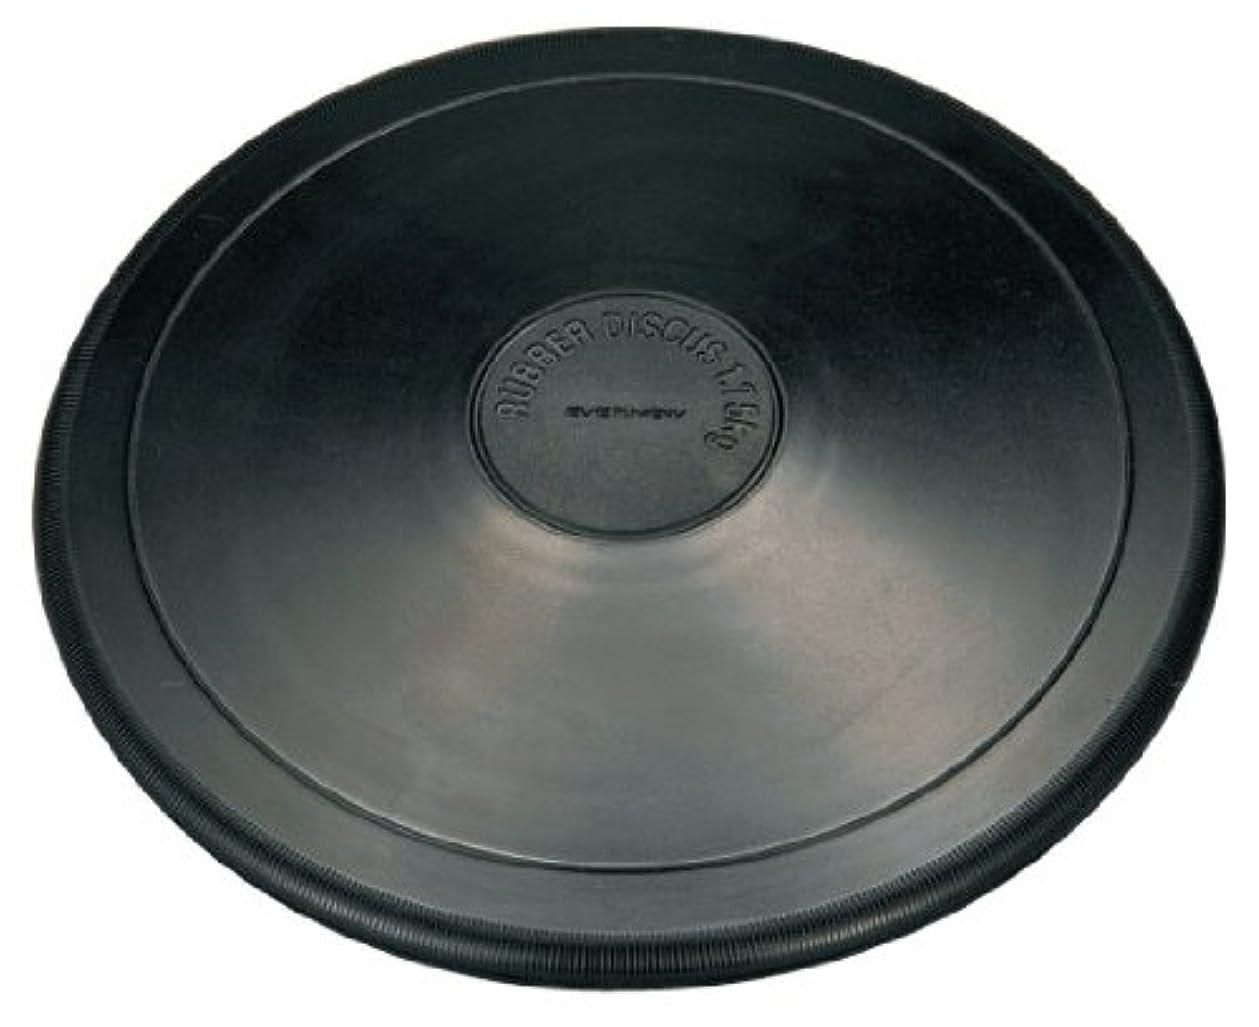 ウェイドウナギパースエバニュー(EVERNEW) ゴム円盤1.75kg EGB023